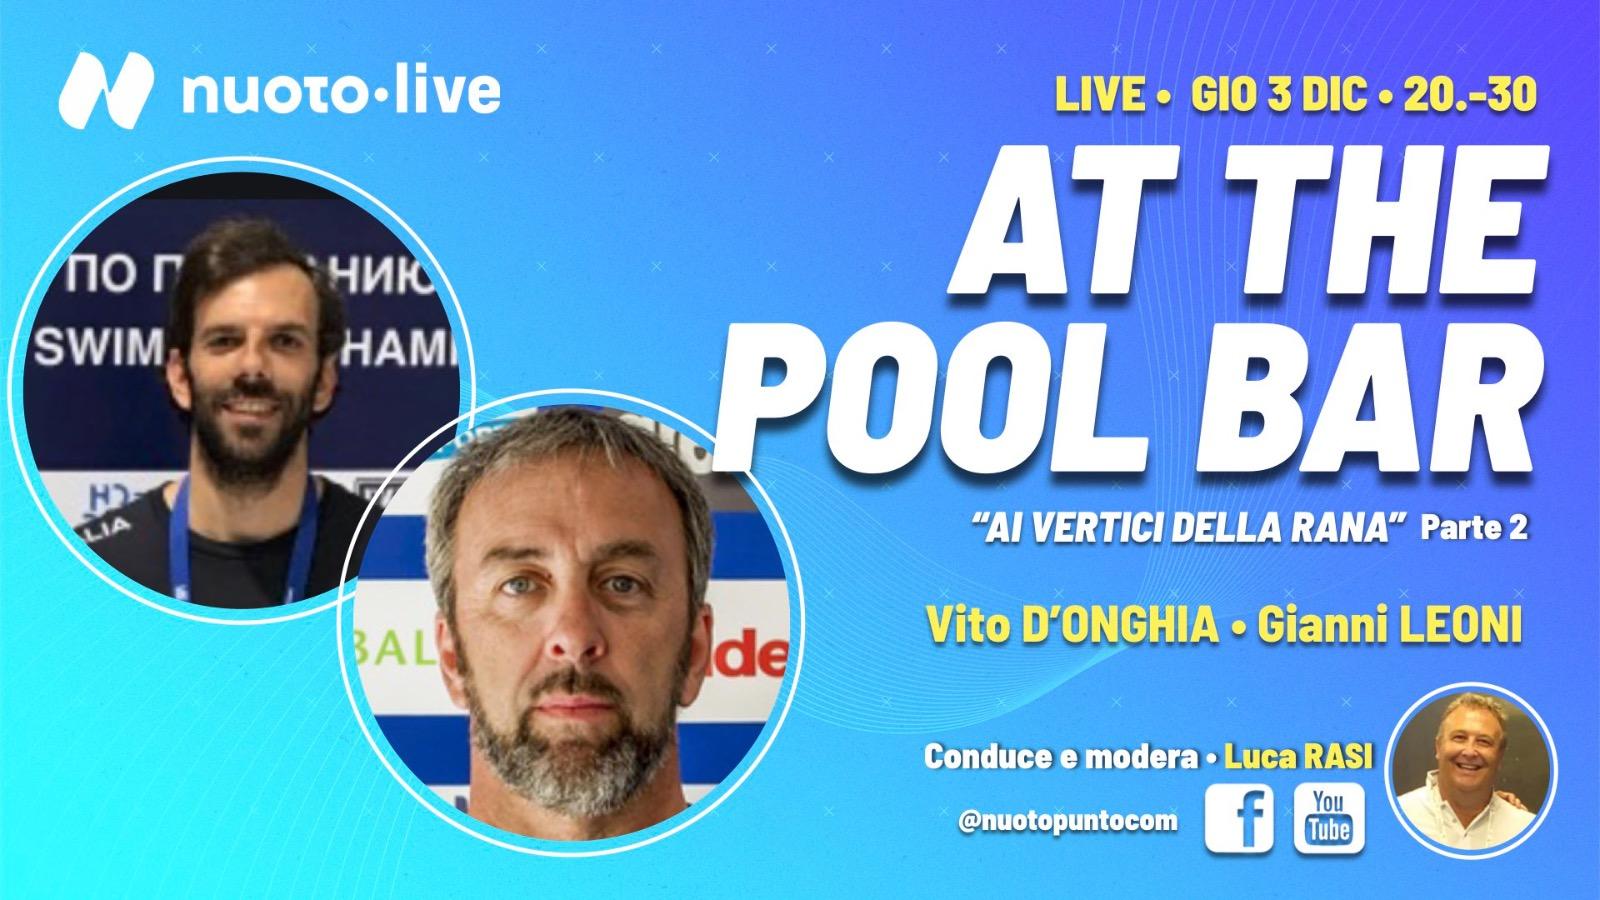 """""""Ai vertici della rana"""" seconda parte.  Ospiti di At The Pool Bar i tecnici Vito D'Onghia e Gianni Leoni"""